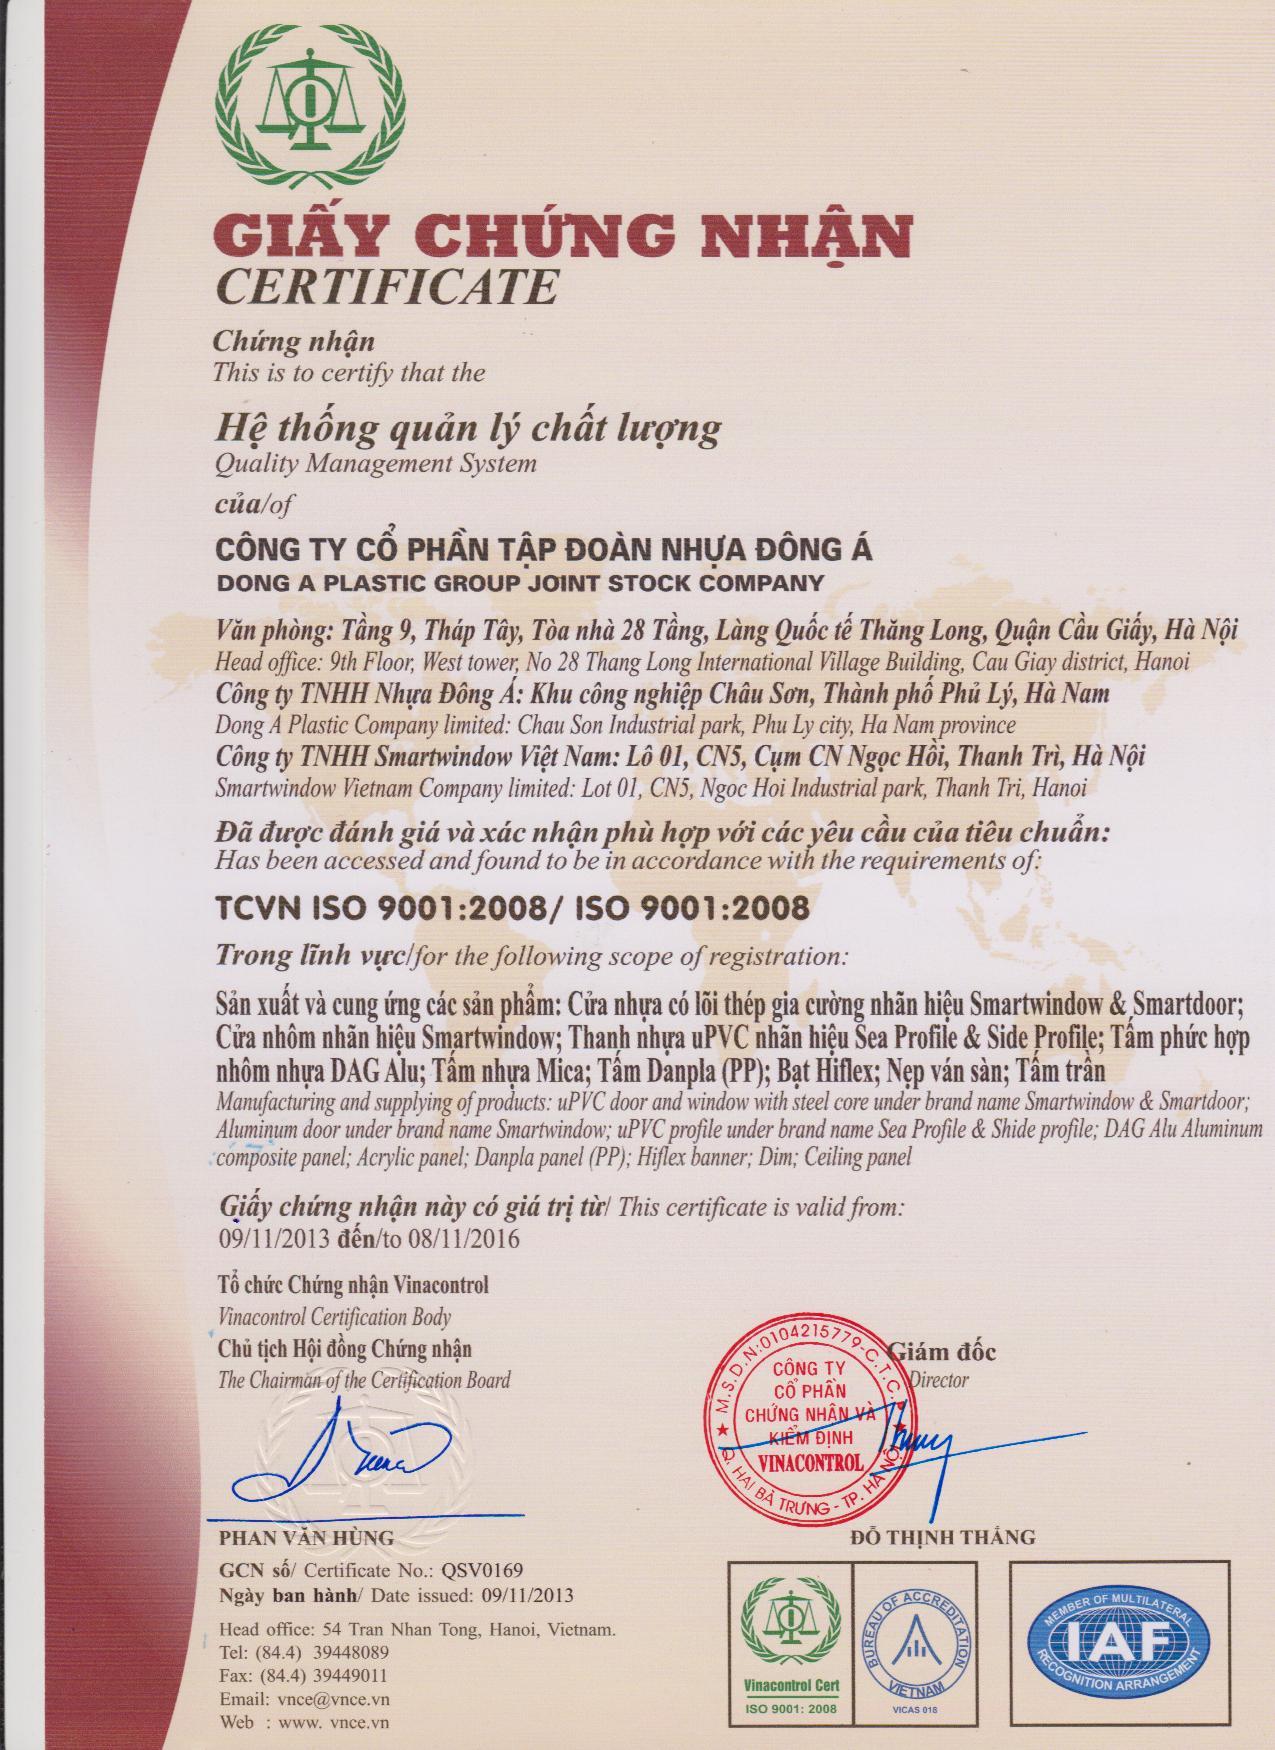 DAG nhận chứng chỉ ISO 9001:2008